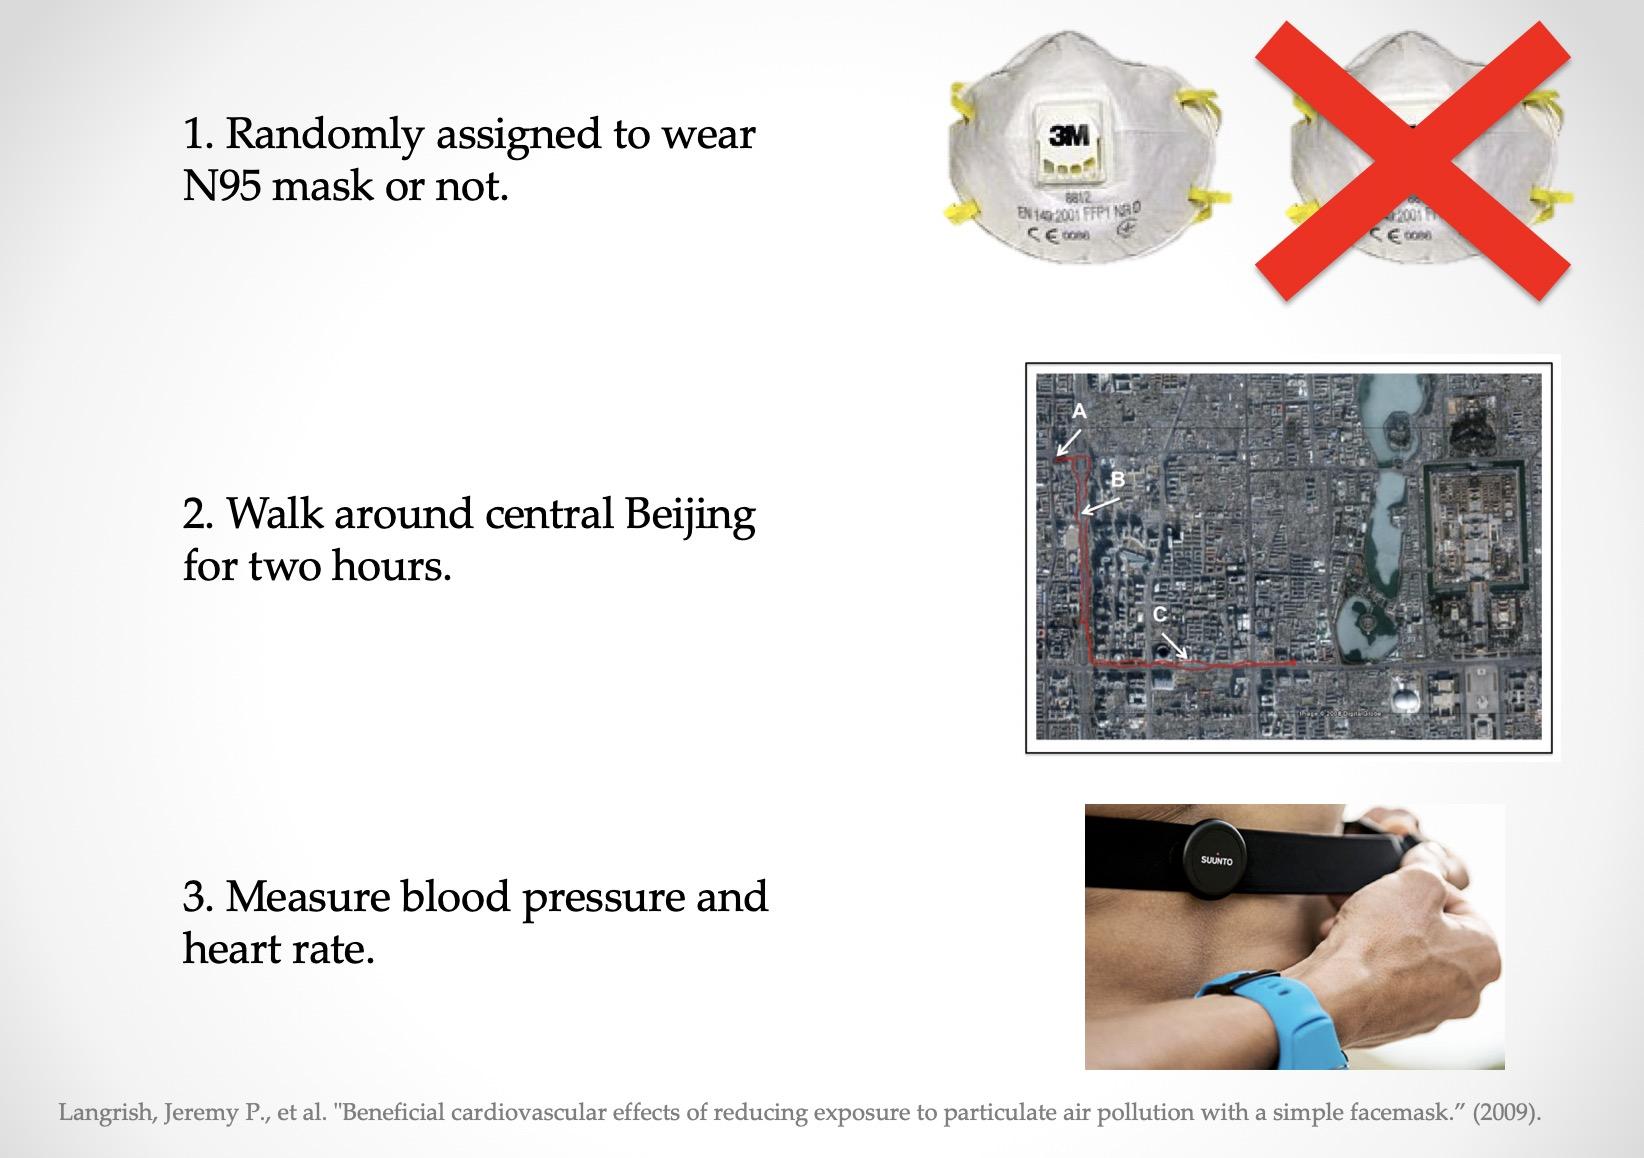 Etude de la pression artérielle pour un masque de pollution